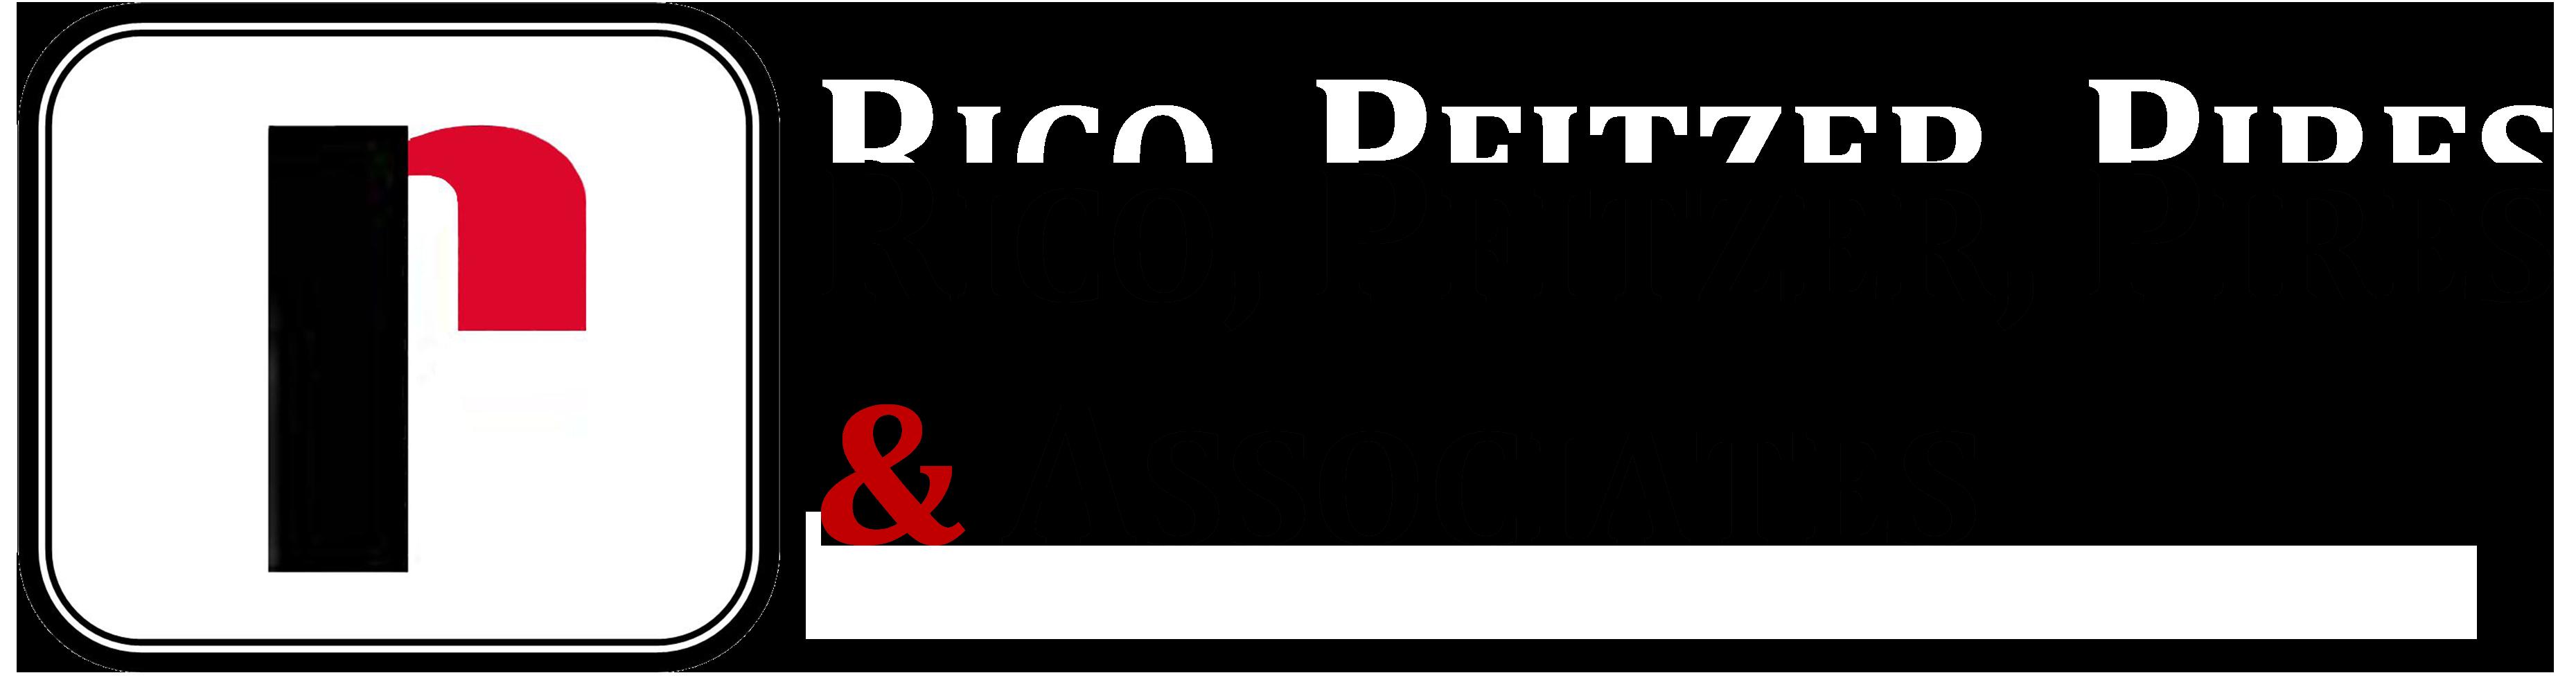 Rico, Pfitzer, Pires & Associates